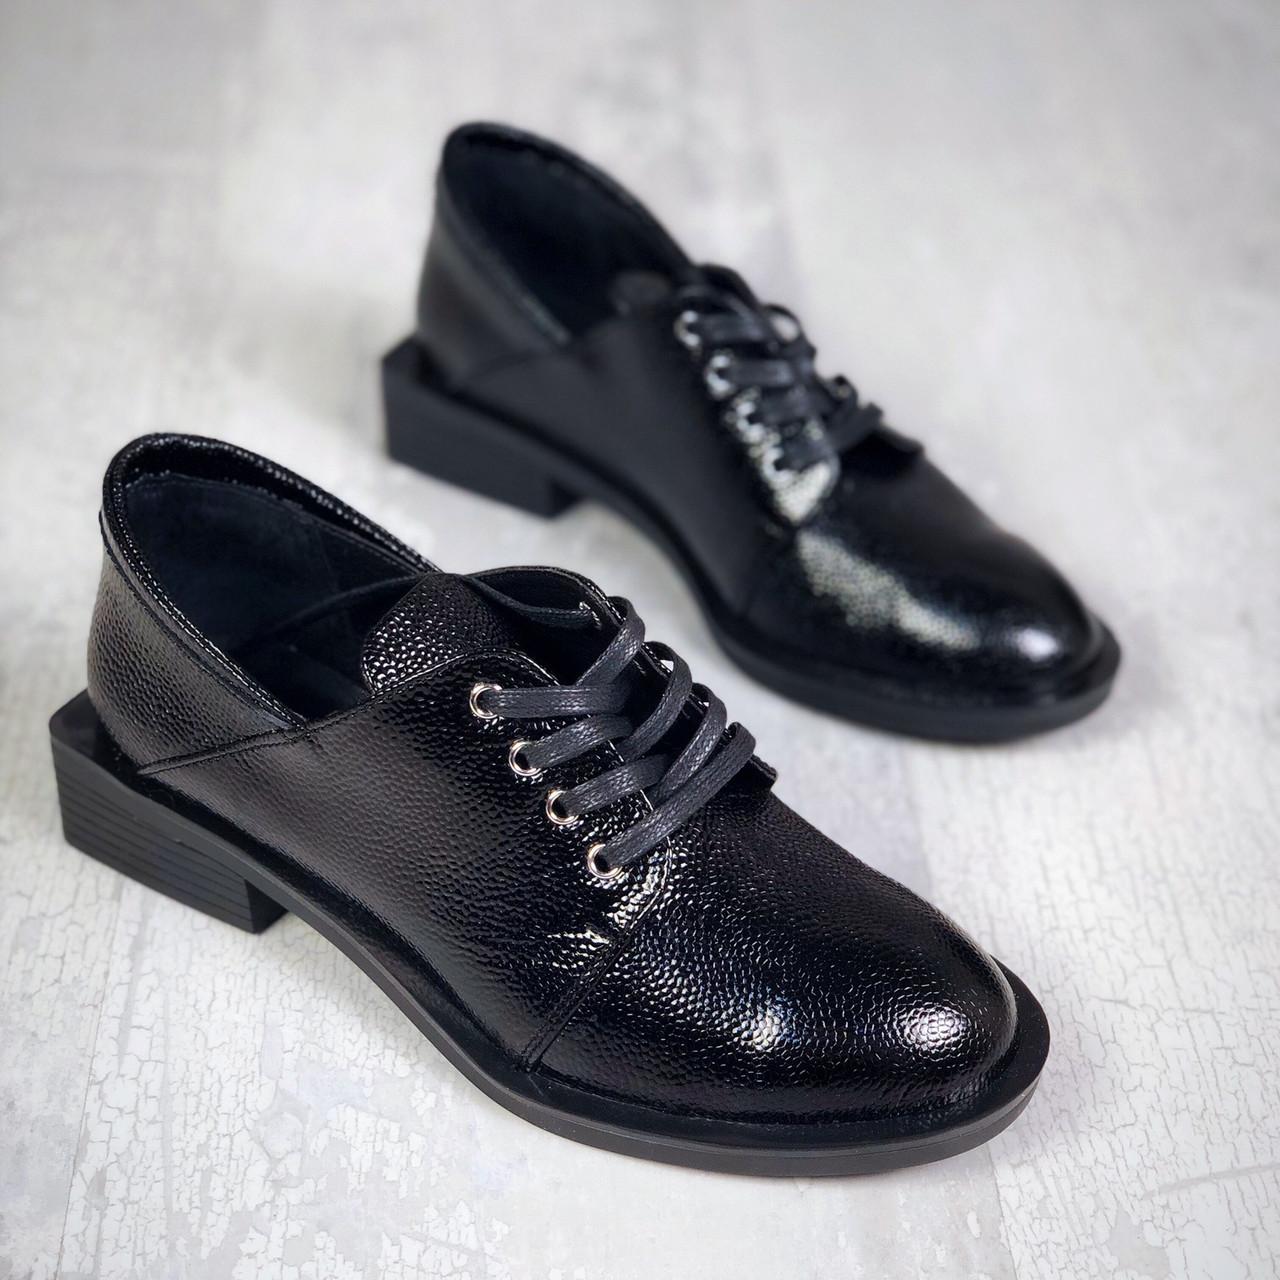 Кожаные туфли на шнуровке 36-40 р чёрный блеск